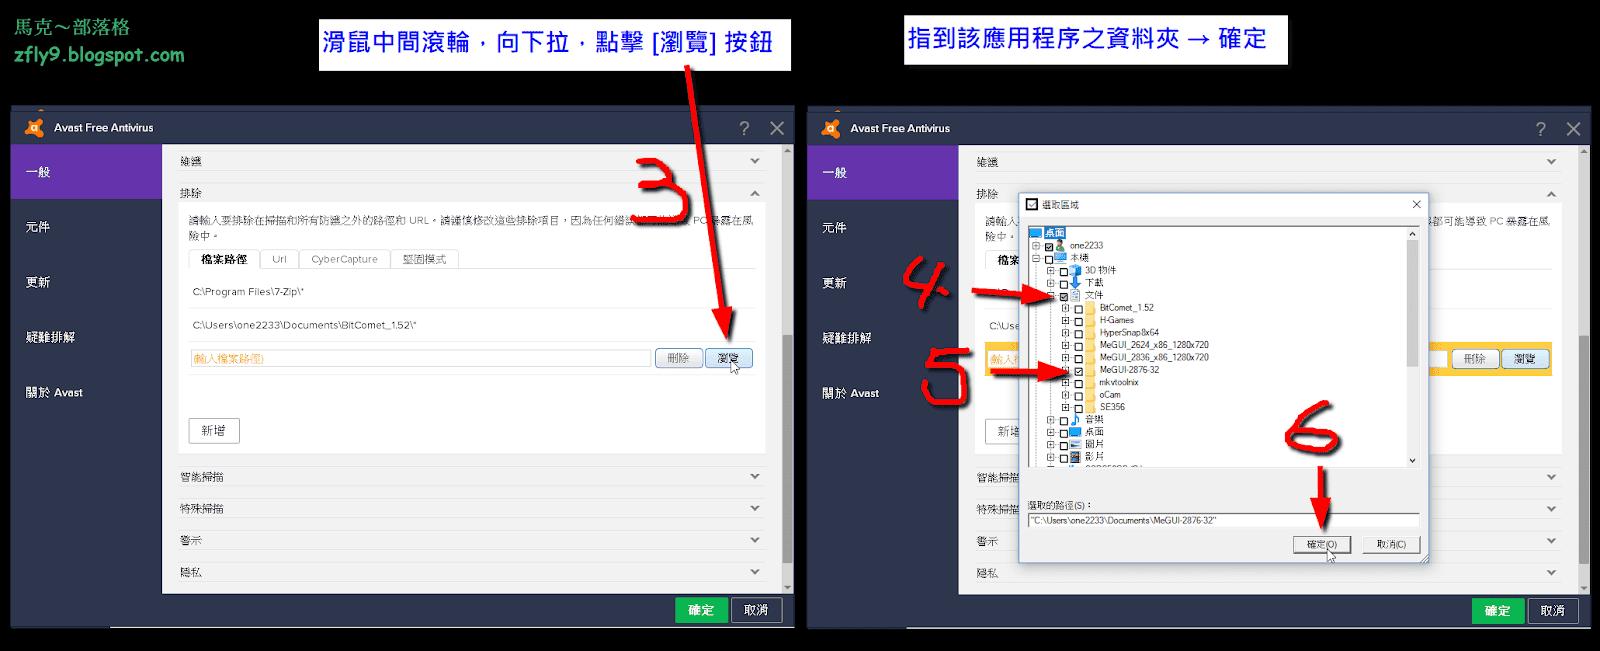 馬克: 防毒軟體 avast! Free Antivirus 使用教學 → 單檔掃毒 or 資料夾掃毒 / 加入排除名單 / 關閉網頁保護